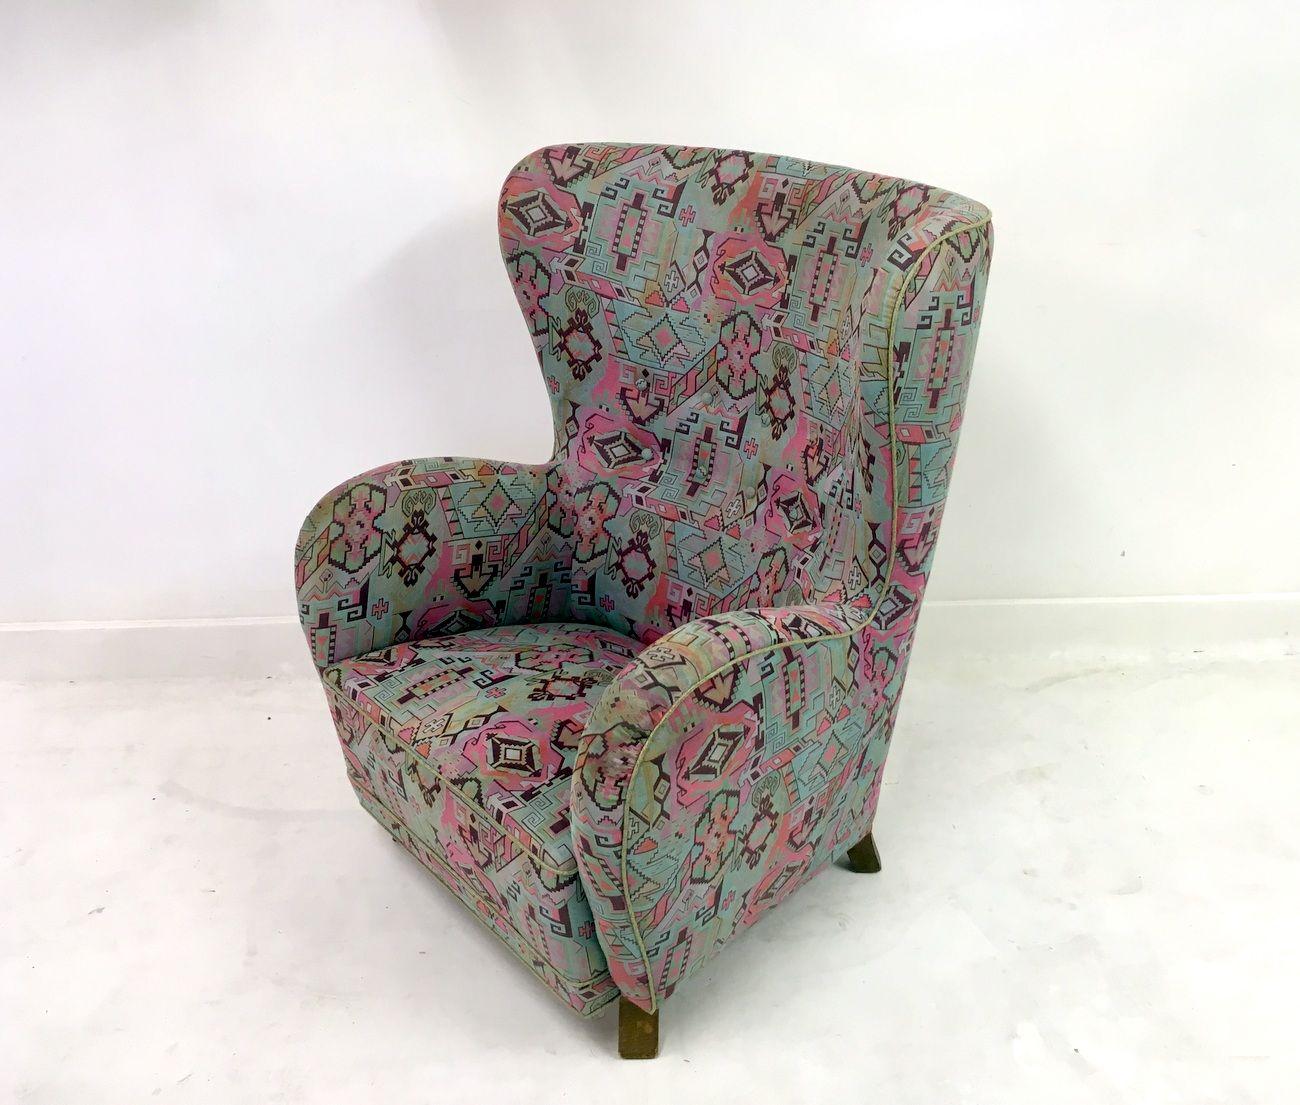 fauteuil oreilles danemark 1940s en vente sur pamono. Black Bedroom Furniture Sets. Home Design Ideas